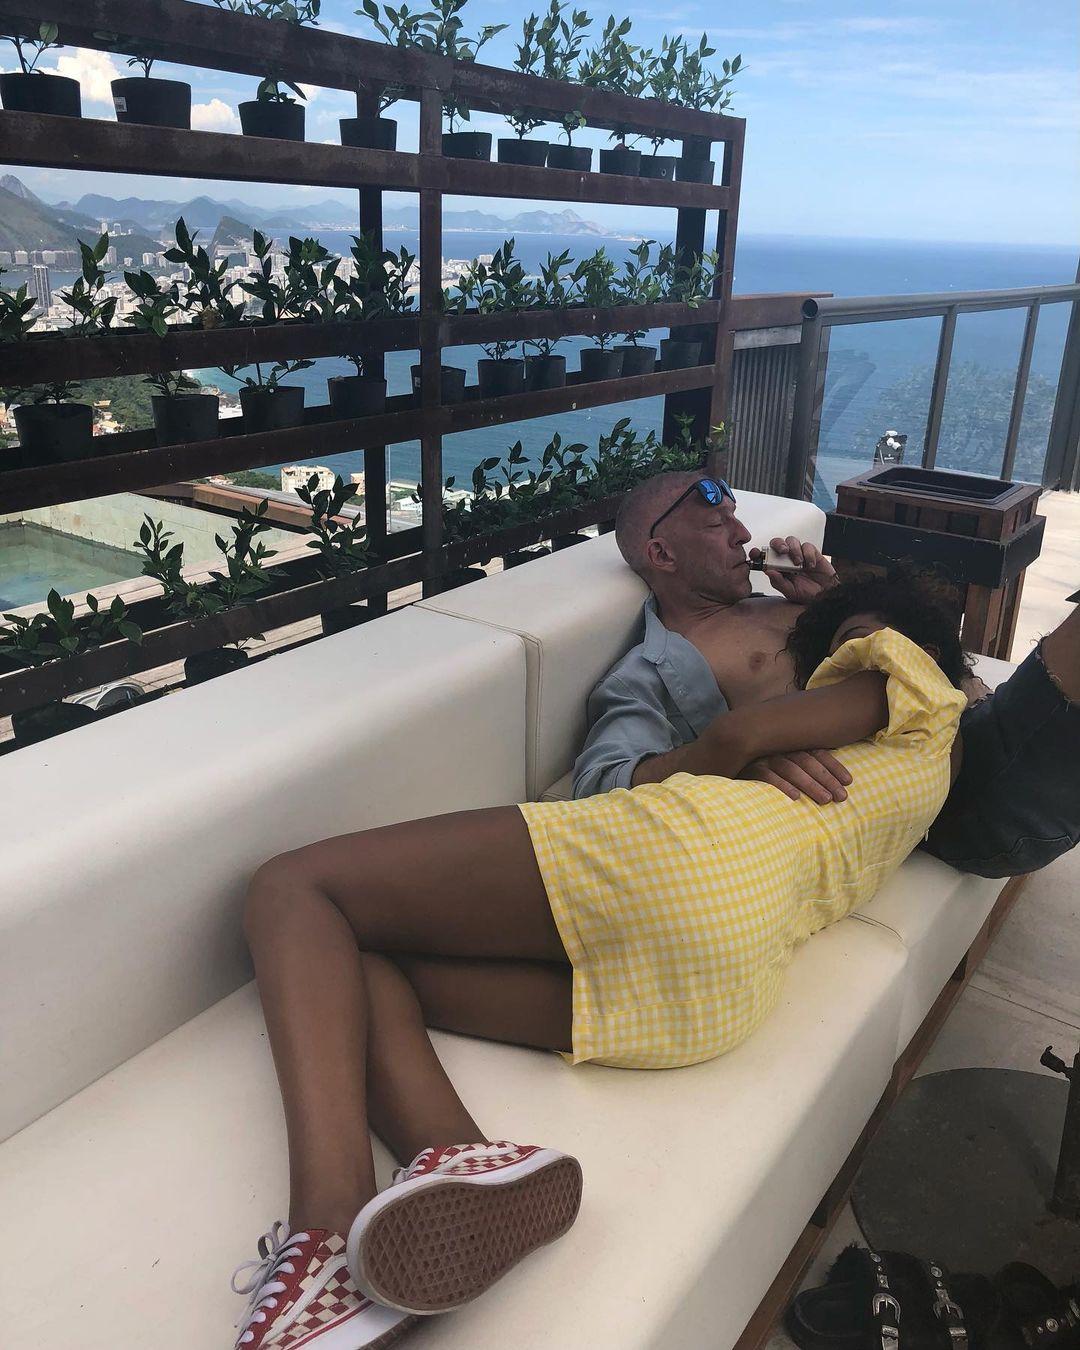 венсан кассель тина кунаки целуются обнимаются фотосессия развод